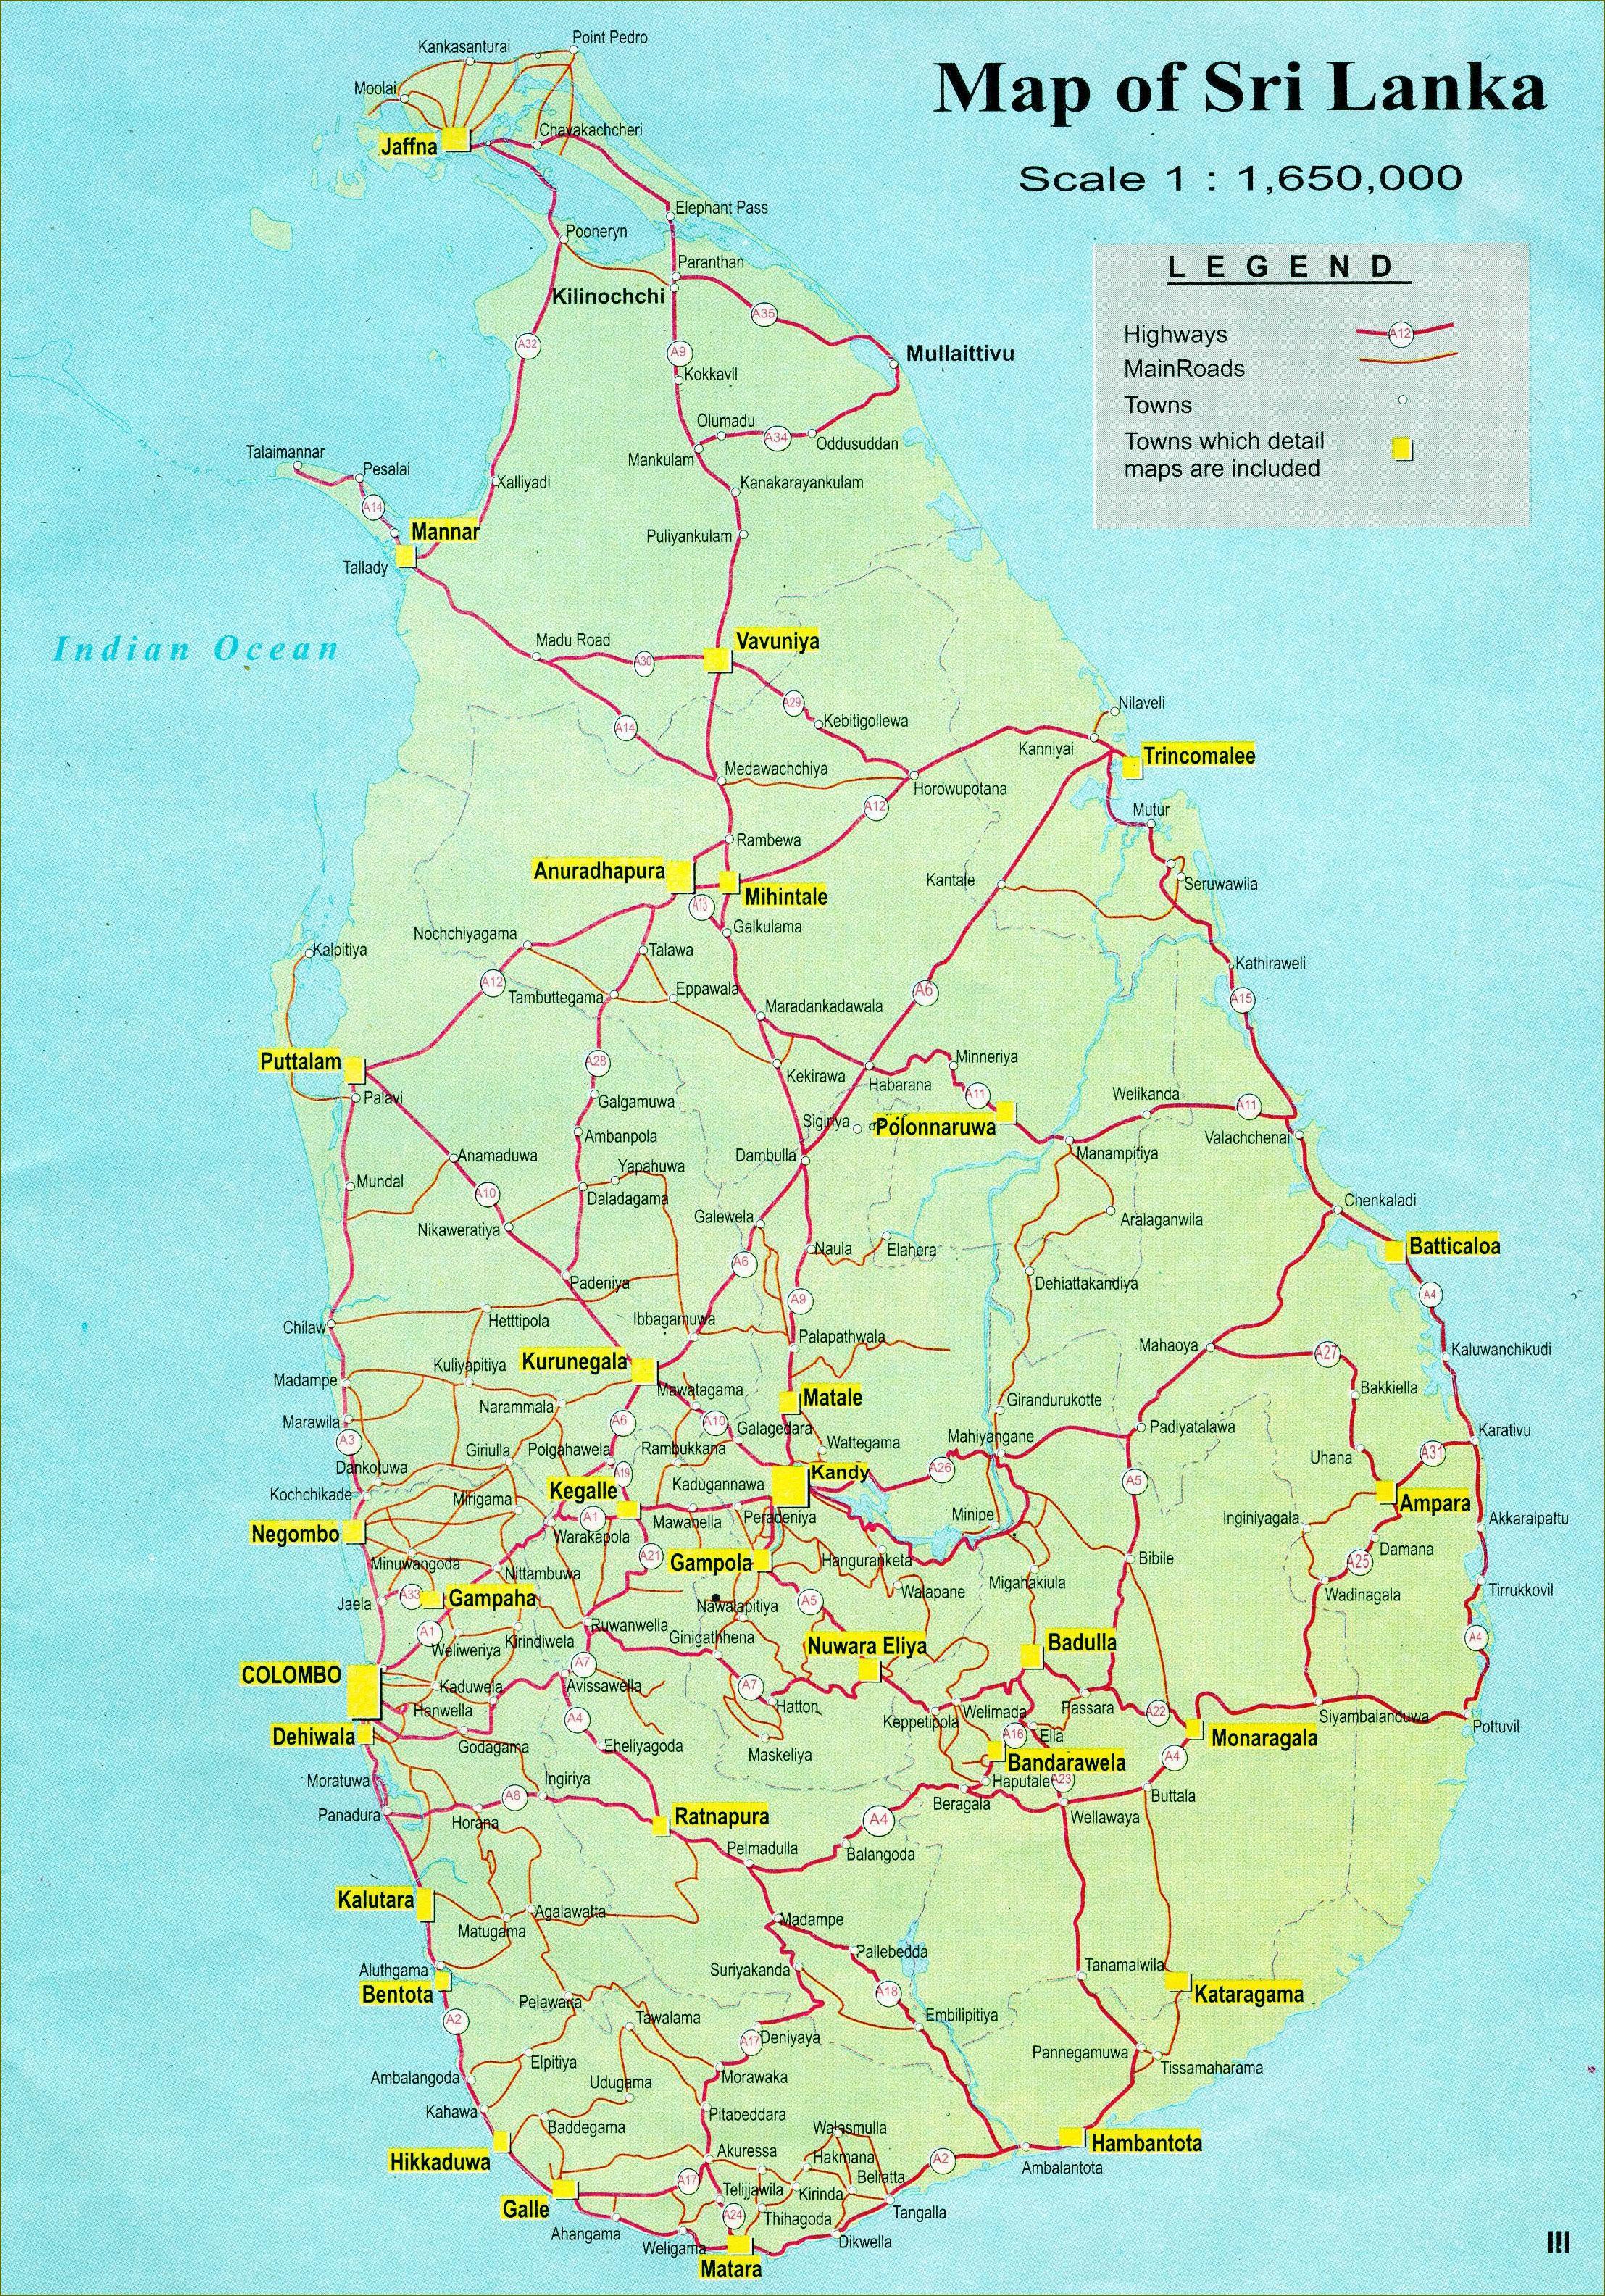 Sri Lanka Kart Med Avstand Kart Over Sri Lanka Kart Med Avstand